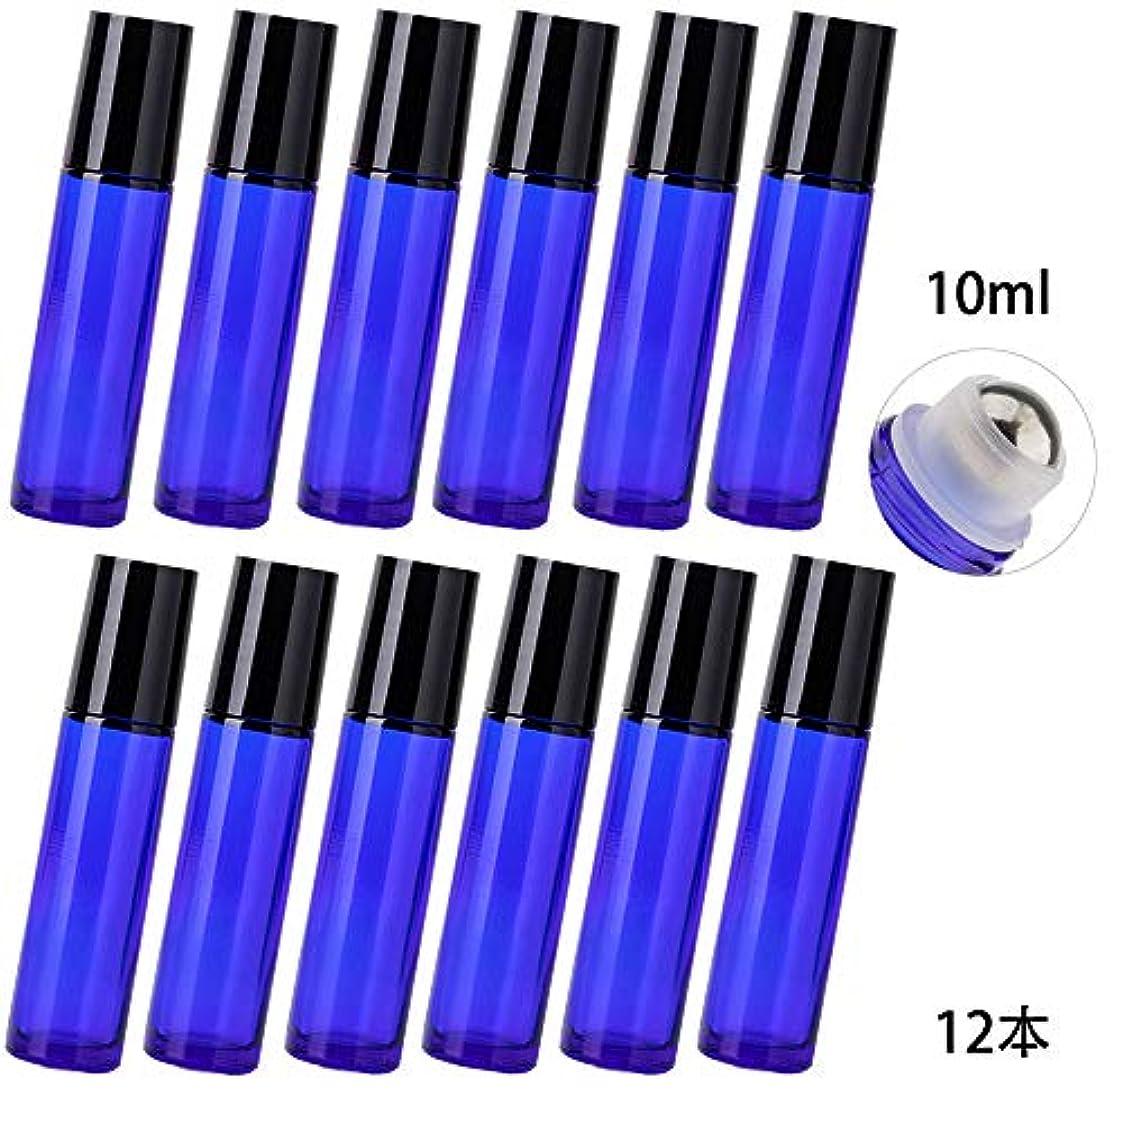 整然とした誇大妄想天文学ロールオンボトル 遮光瓶 アロマオイル シェーディングボトル 小分け ガラスボトル 詰め替え 容器 10ml ボトルは持ち運びが ブルー (12個セット)